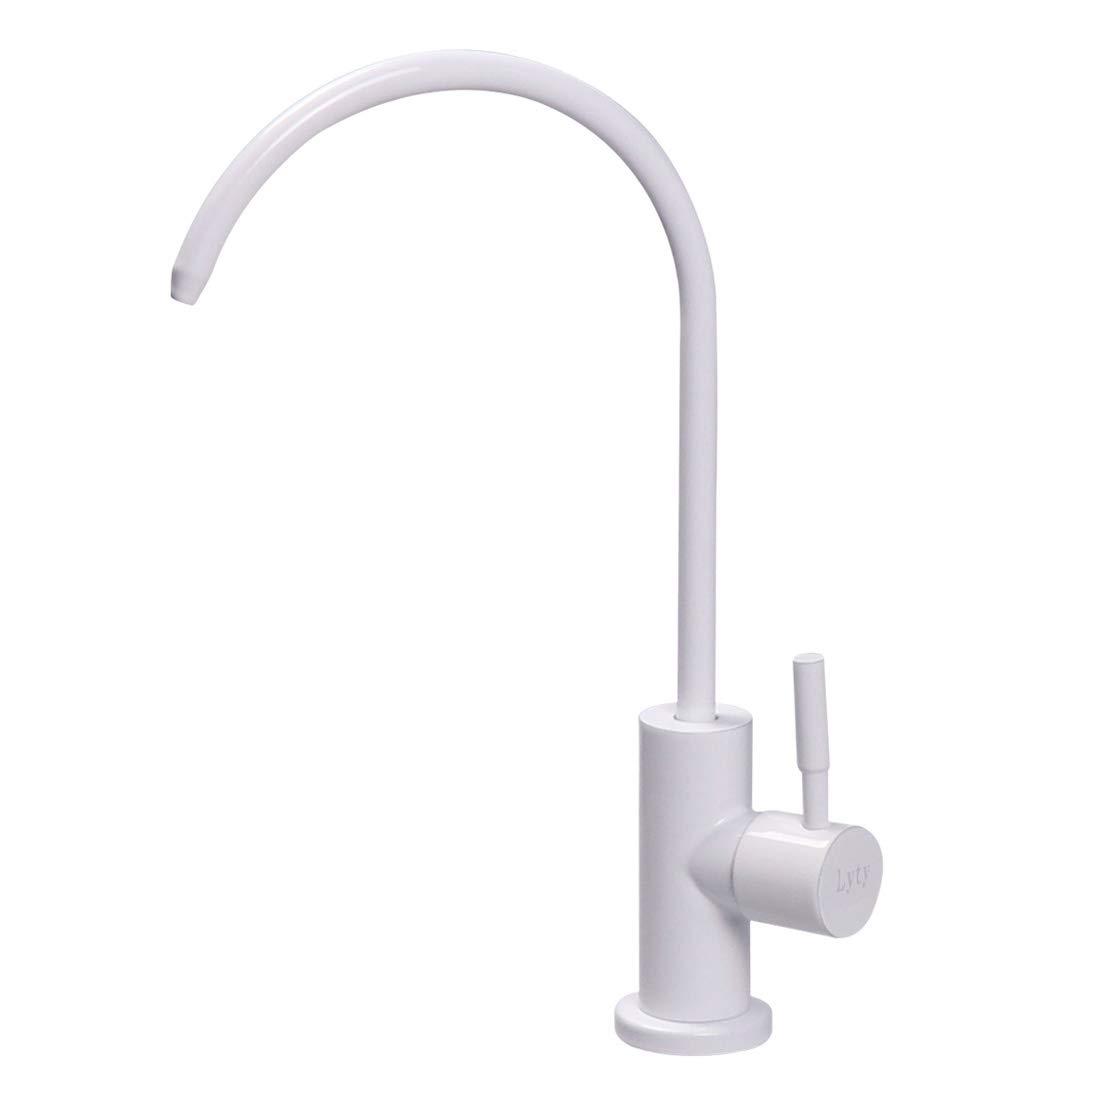 SUS304 de cuisine en acier inoxydable Bar /évier robinet de filtration /à boisson Noir mat Lyty purificateur deau potable robinet